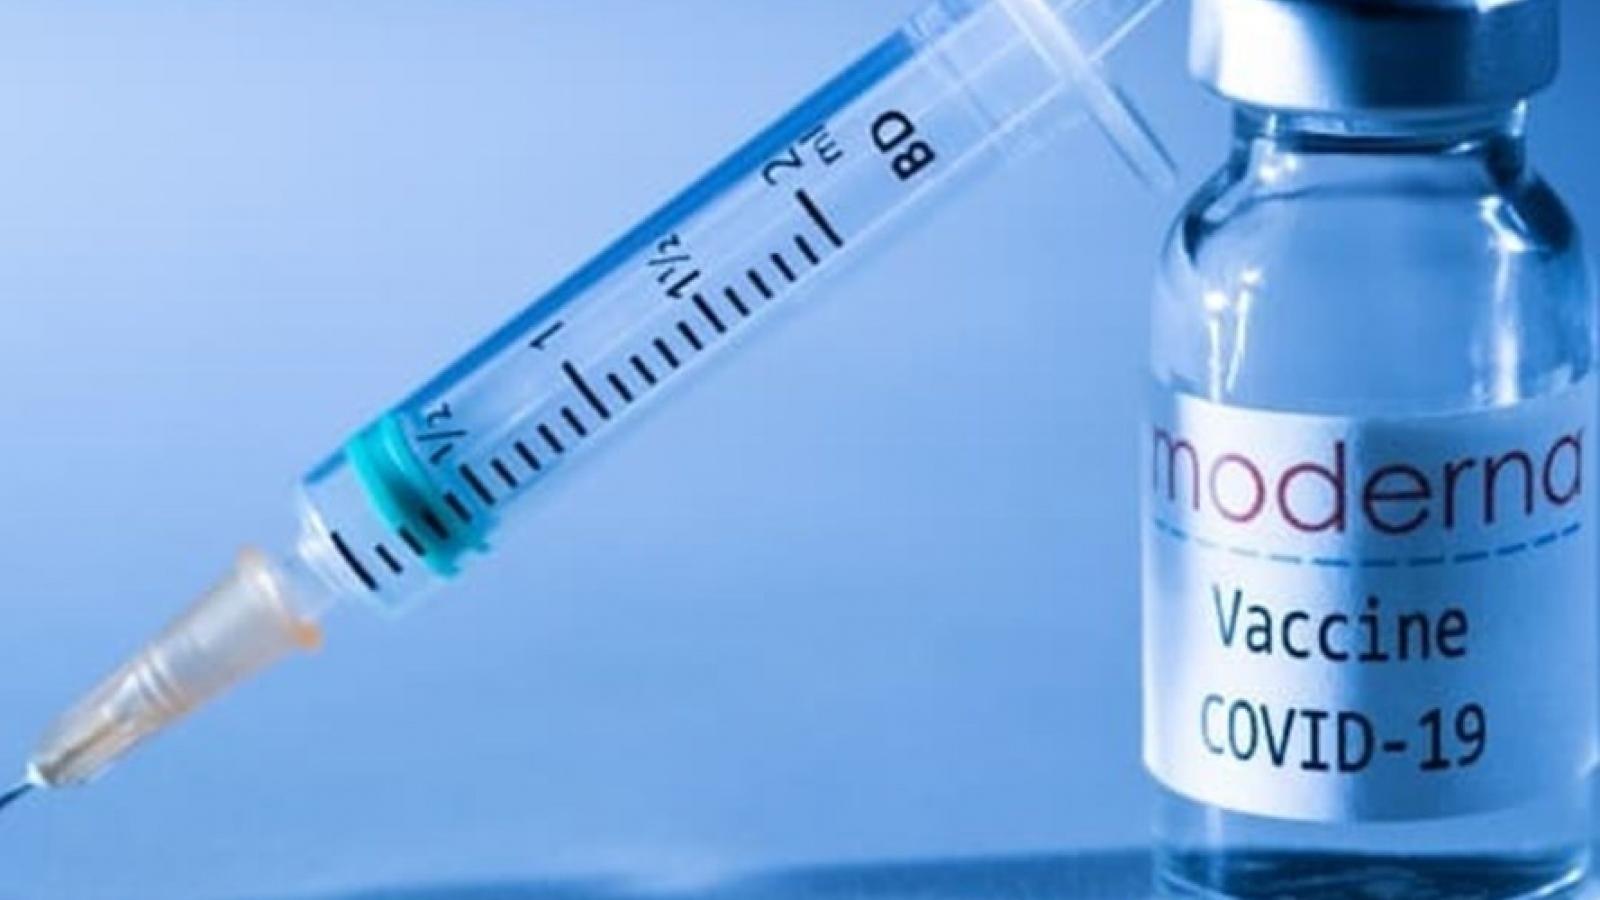 2 triệu liều vaccine Moderna do Mỹ hỗ trợ đã tới Việt Nam